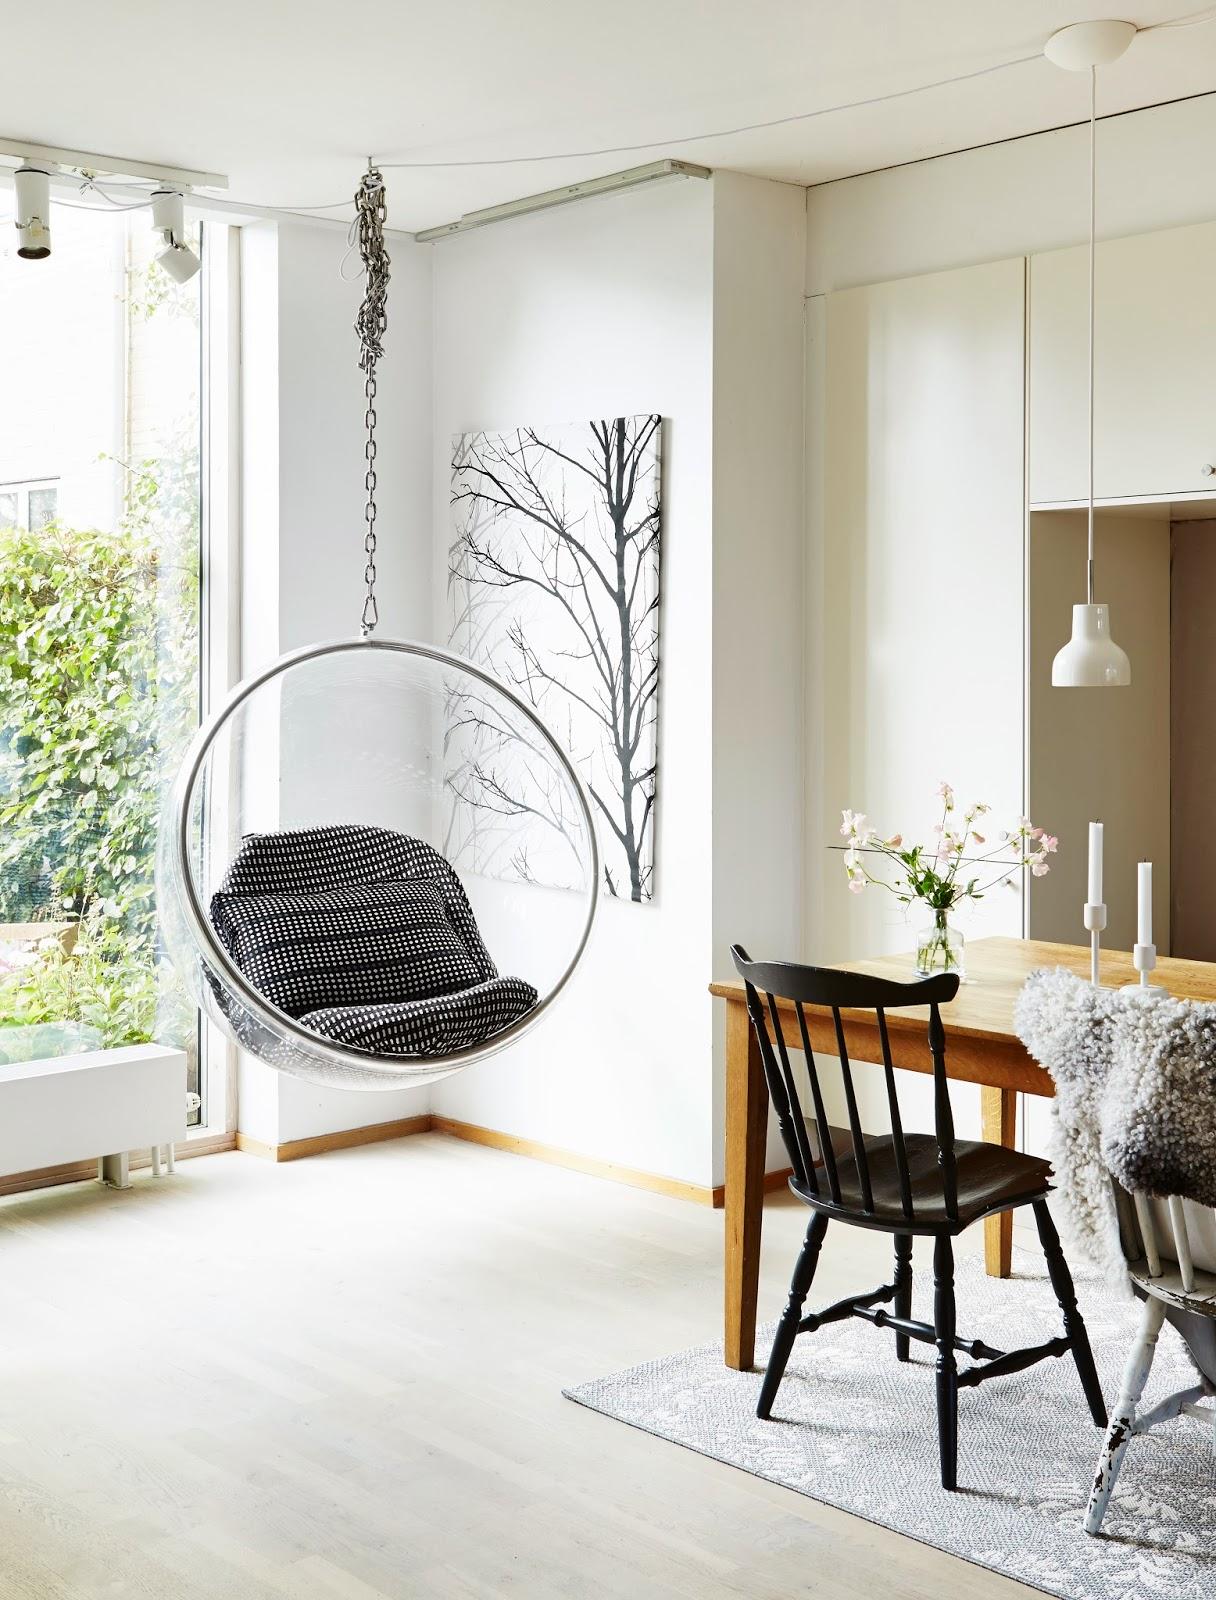 Кресло-шар в столовой